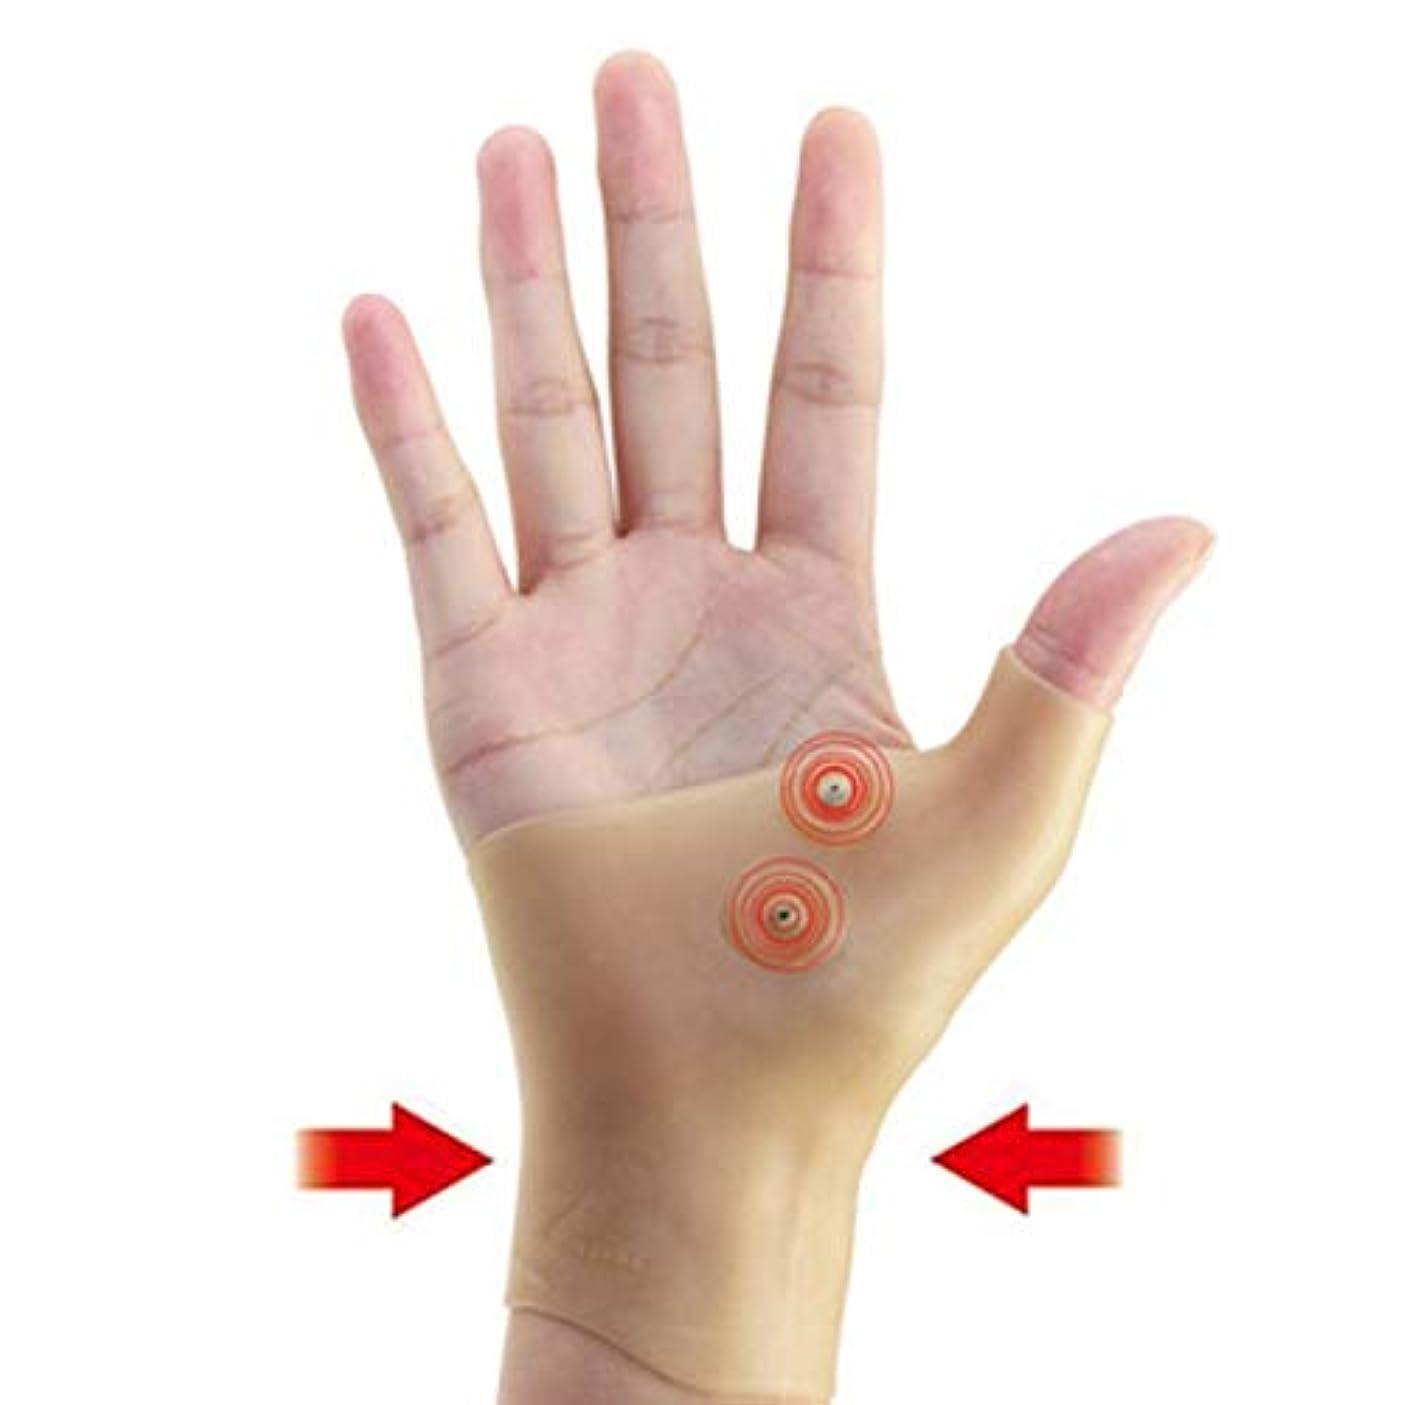 口実記念日ダーベビルのテス1 ピースシリコンゲル 磁気治療手首 ハンド 親指支持手袋関節炎圧力補正 マッサージ 痛みリリーフ 手袋 a016